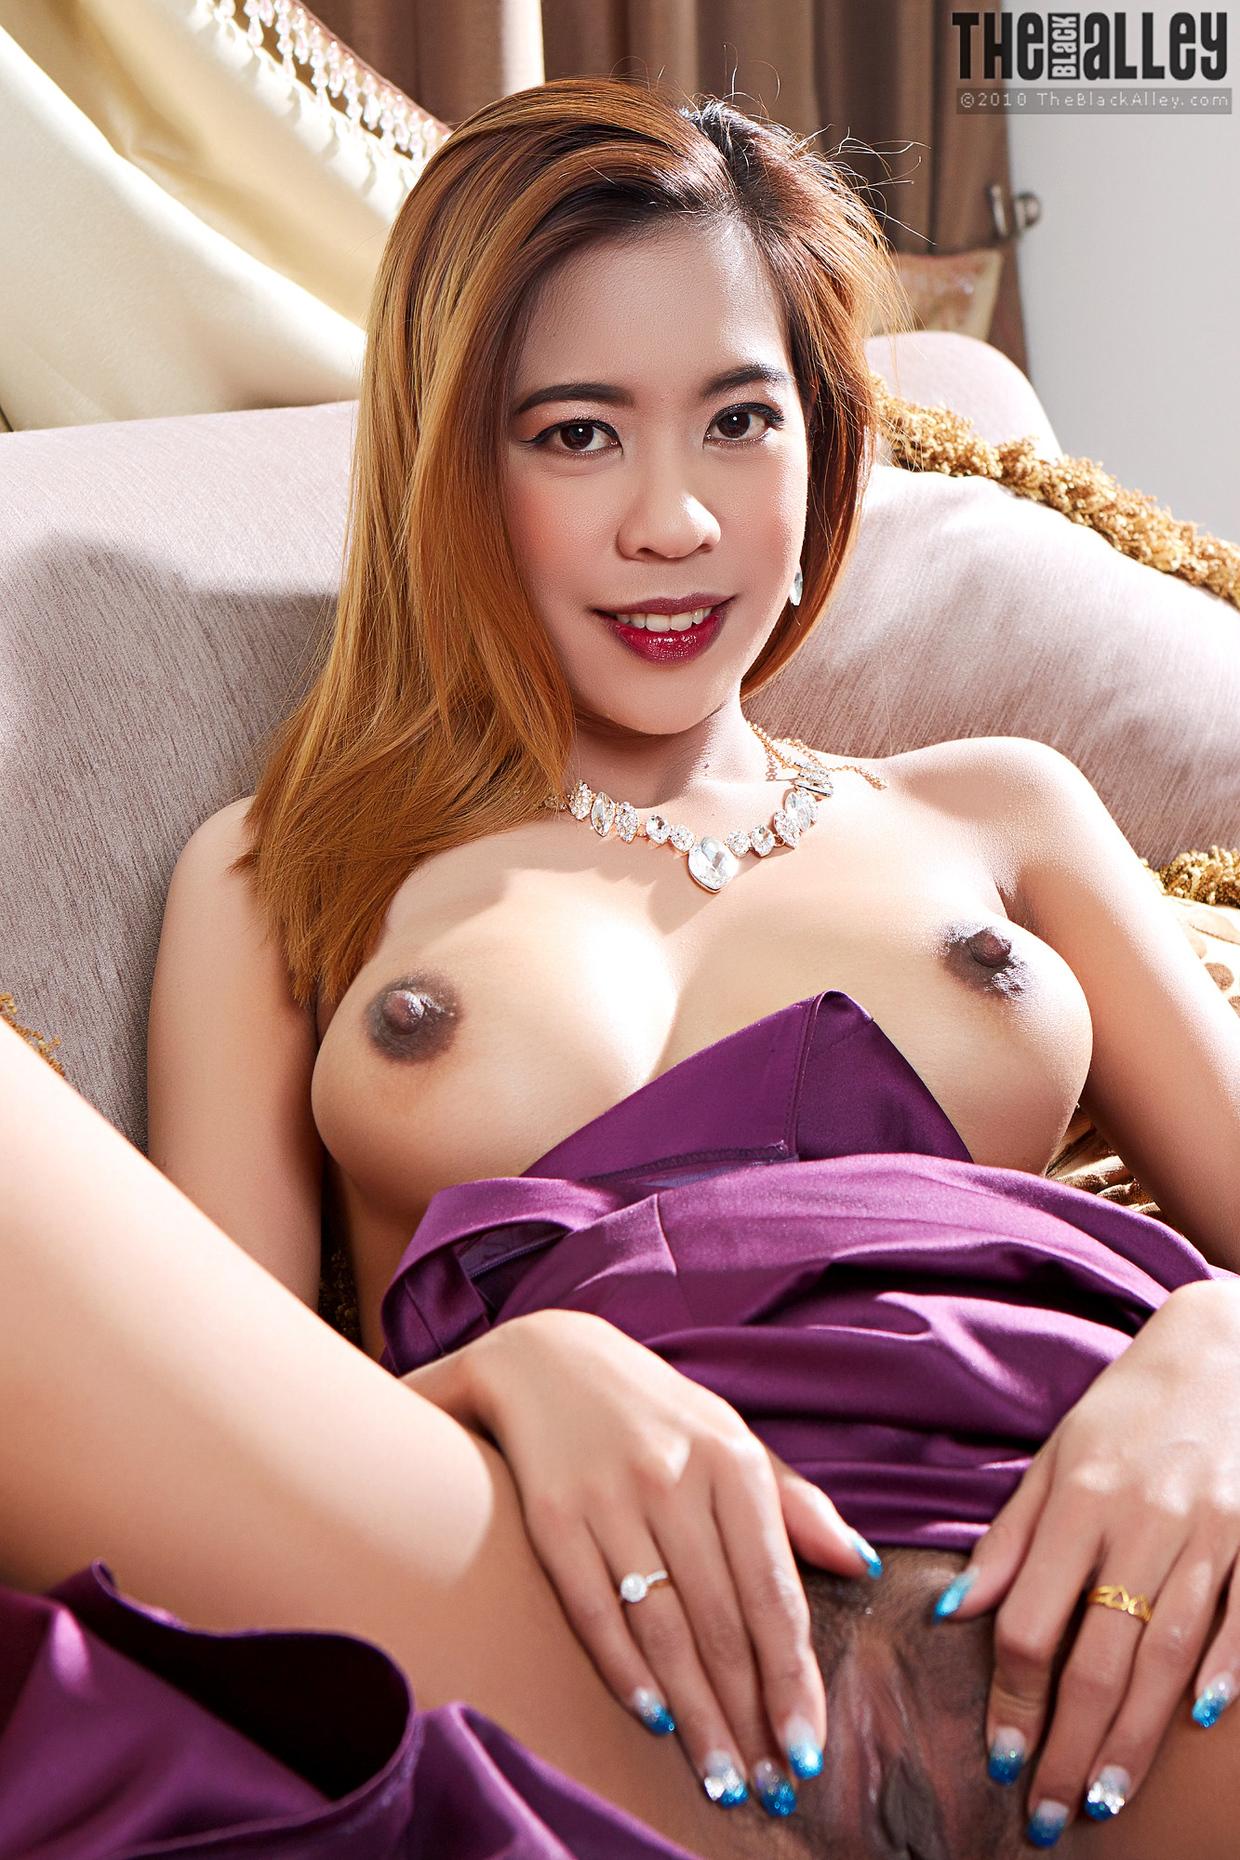 Ázsiai lányról meztelen pornó képek 77132040